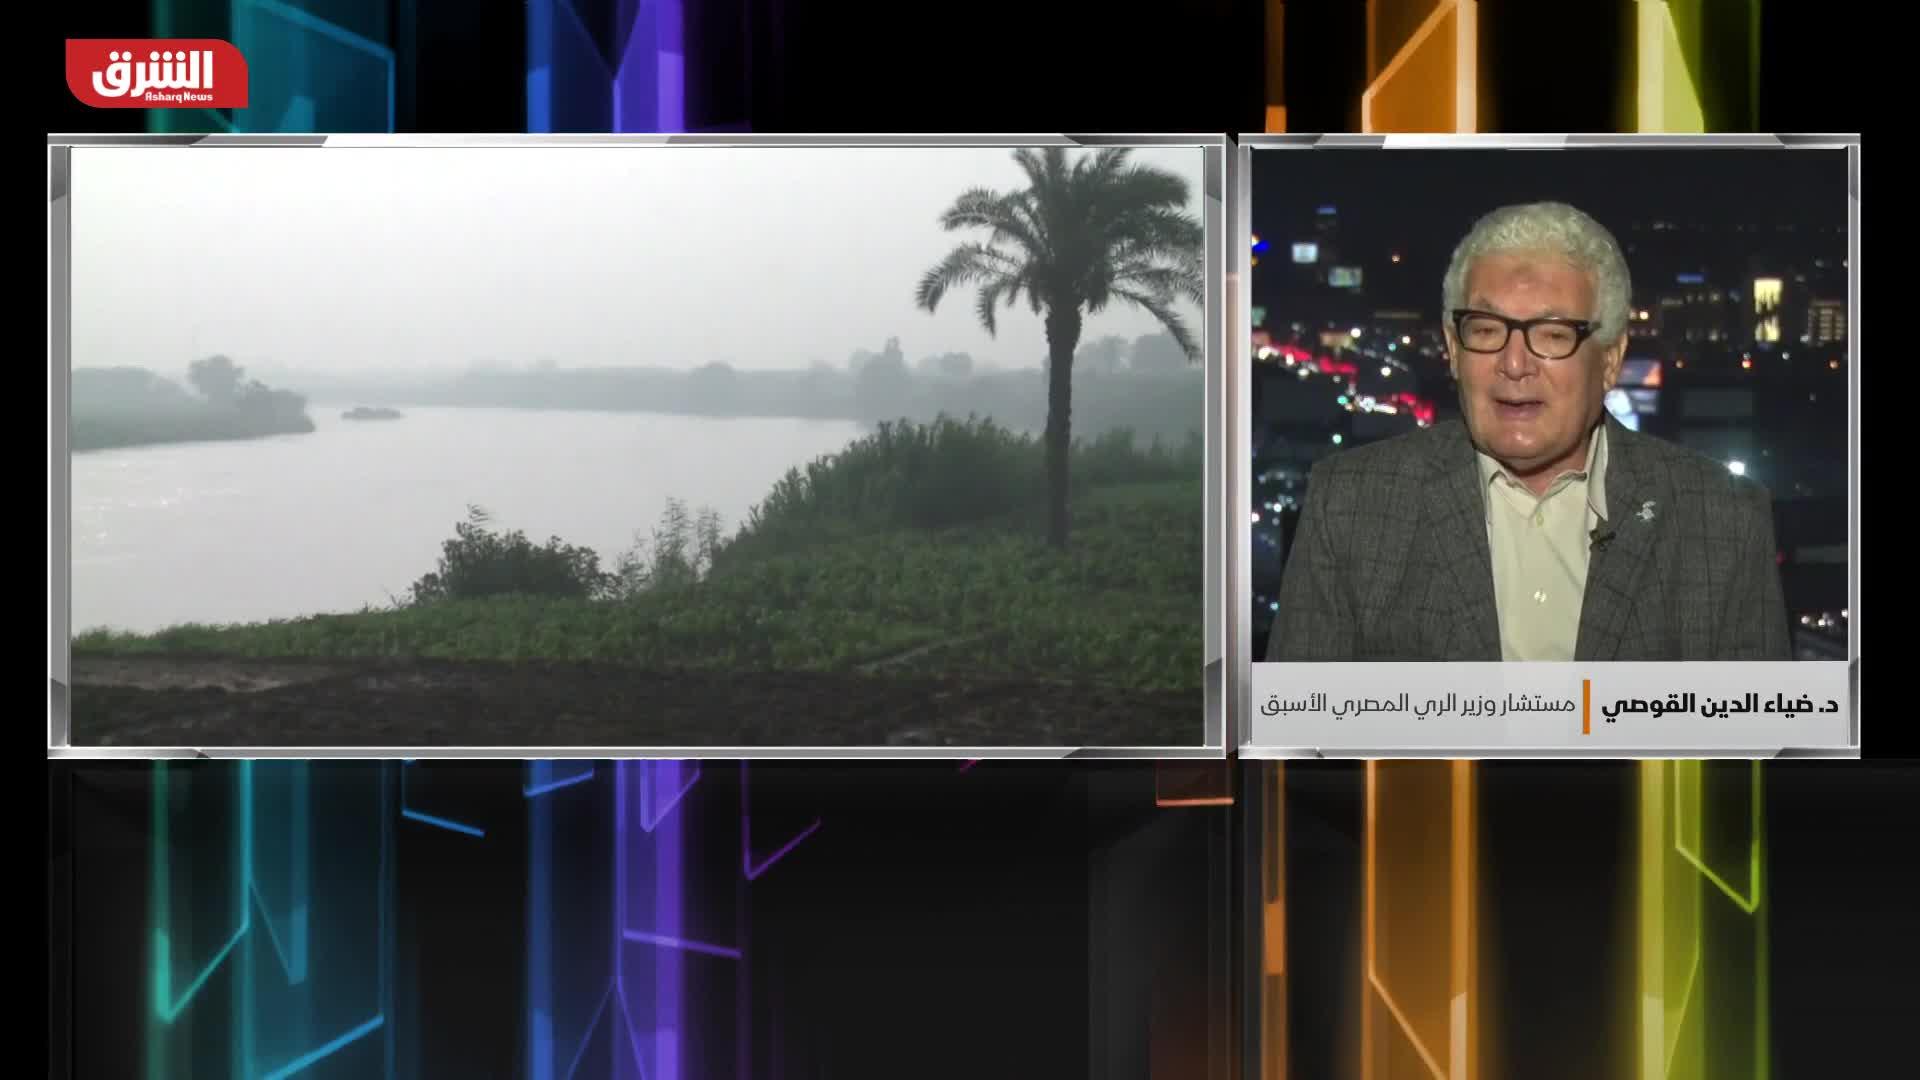 مصر.. خطة بالمليارات لإدارة المياه هل يقف سد النهضة خلف وراء تلك الخطوة؟